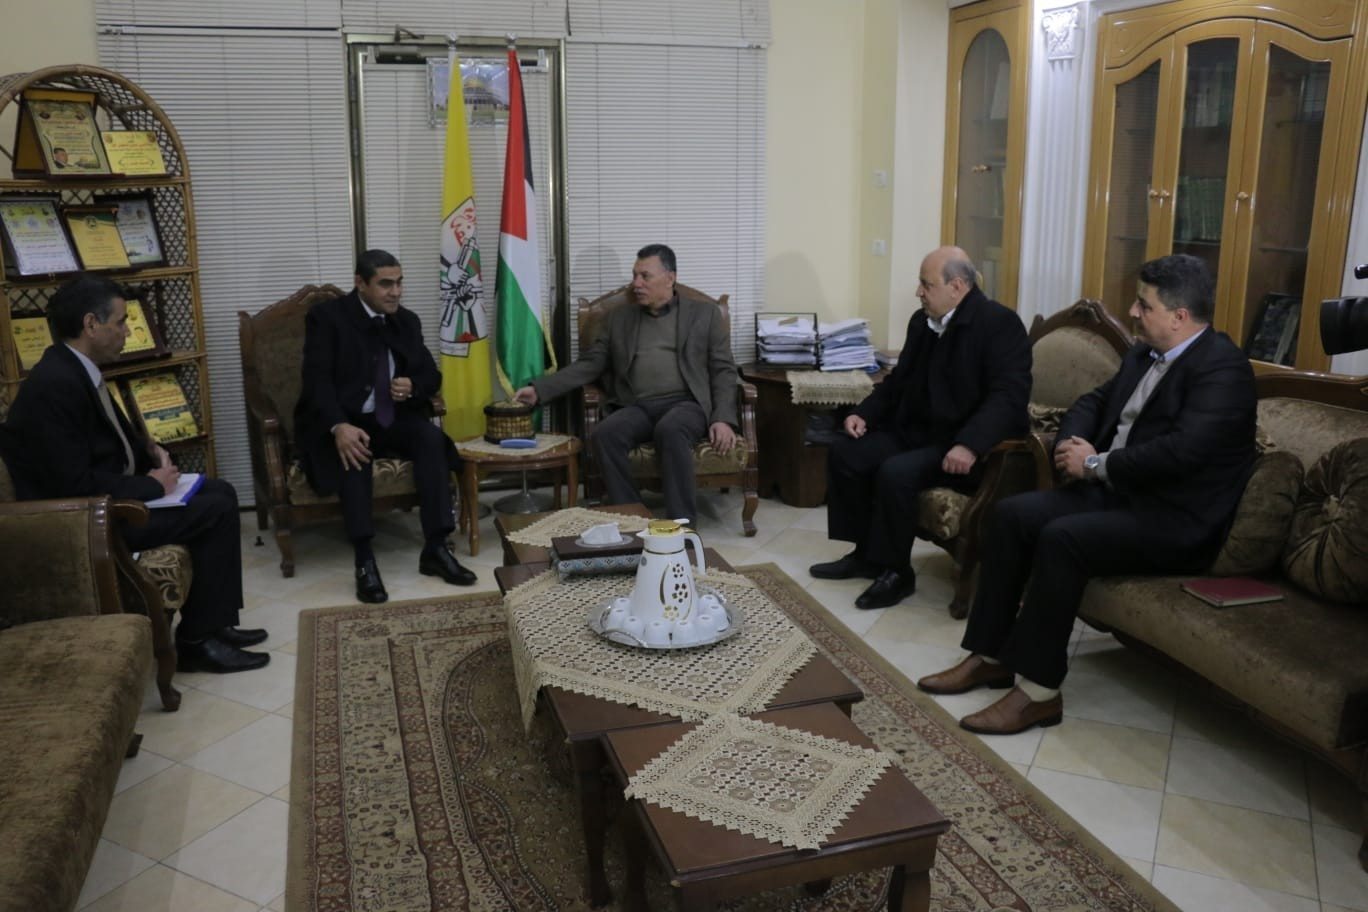 الوفد الأمني المصري يلتقي بمسؤول حركة فتح في غزة